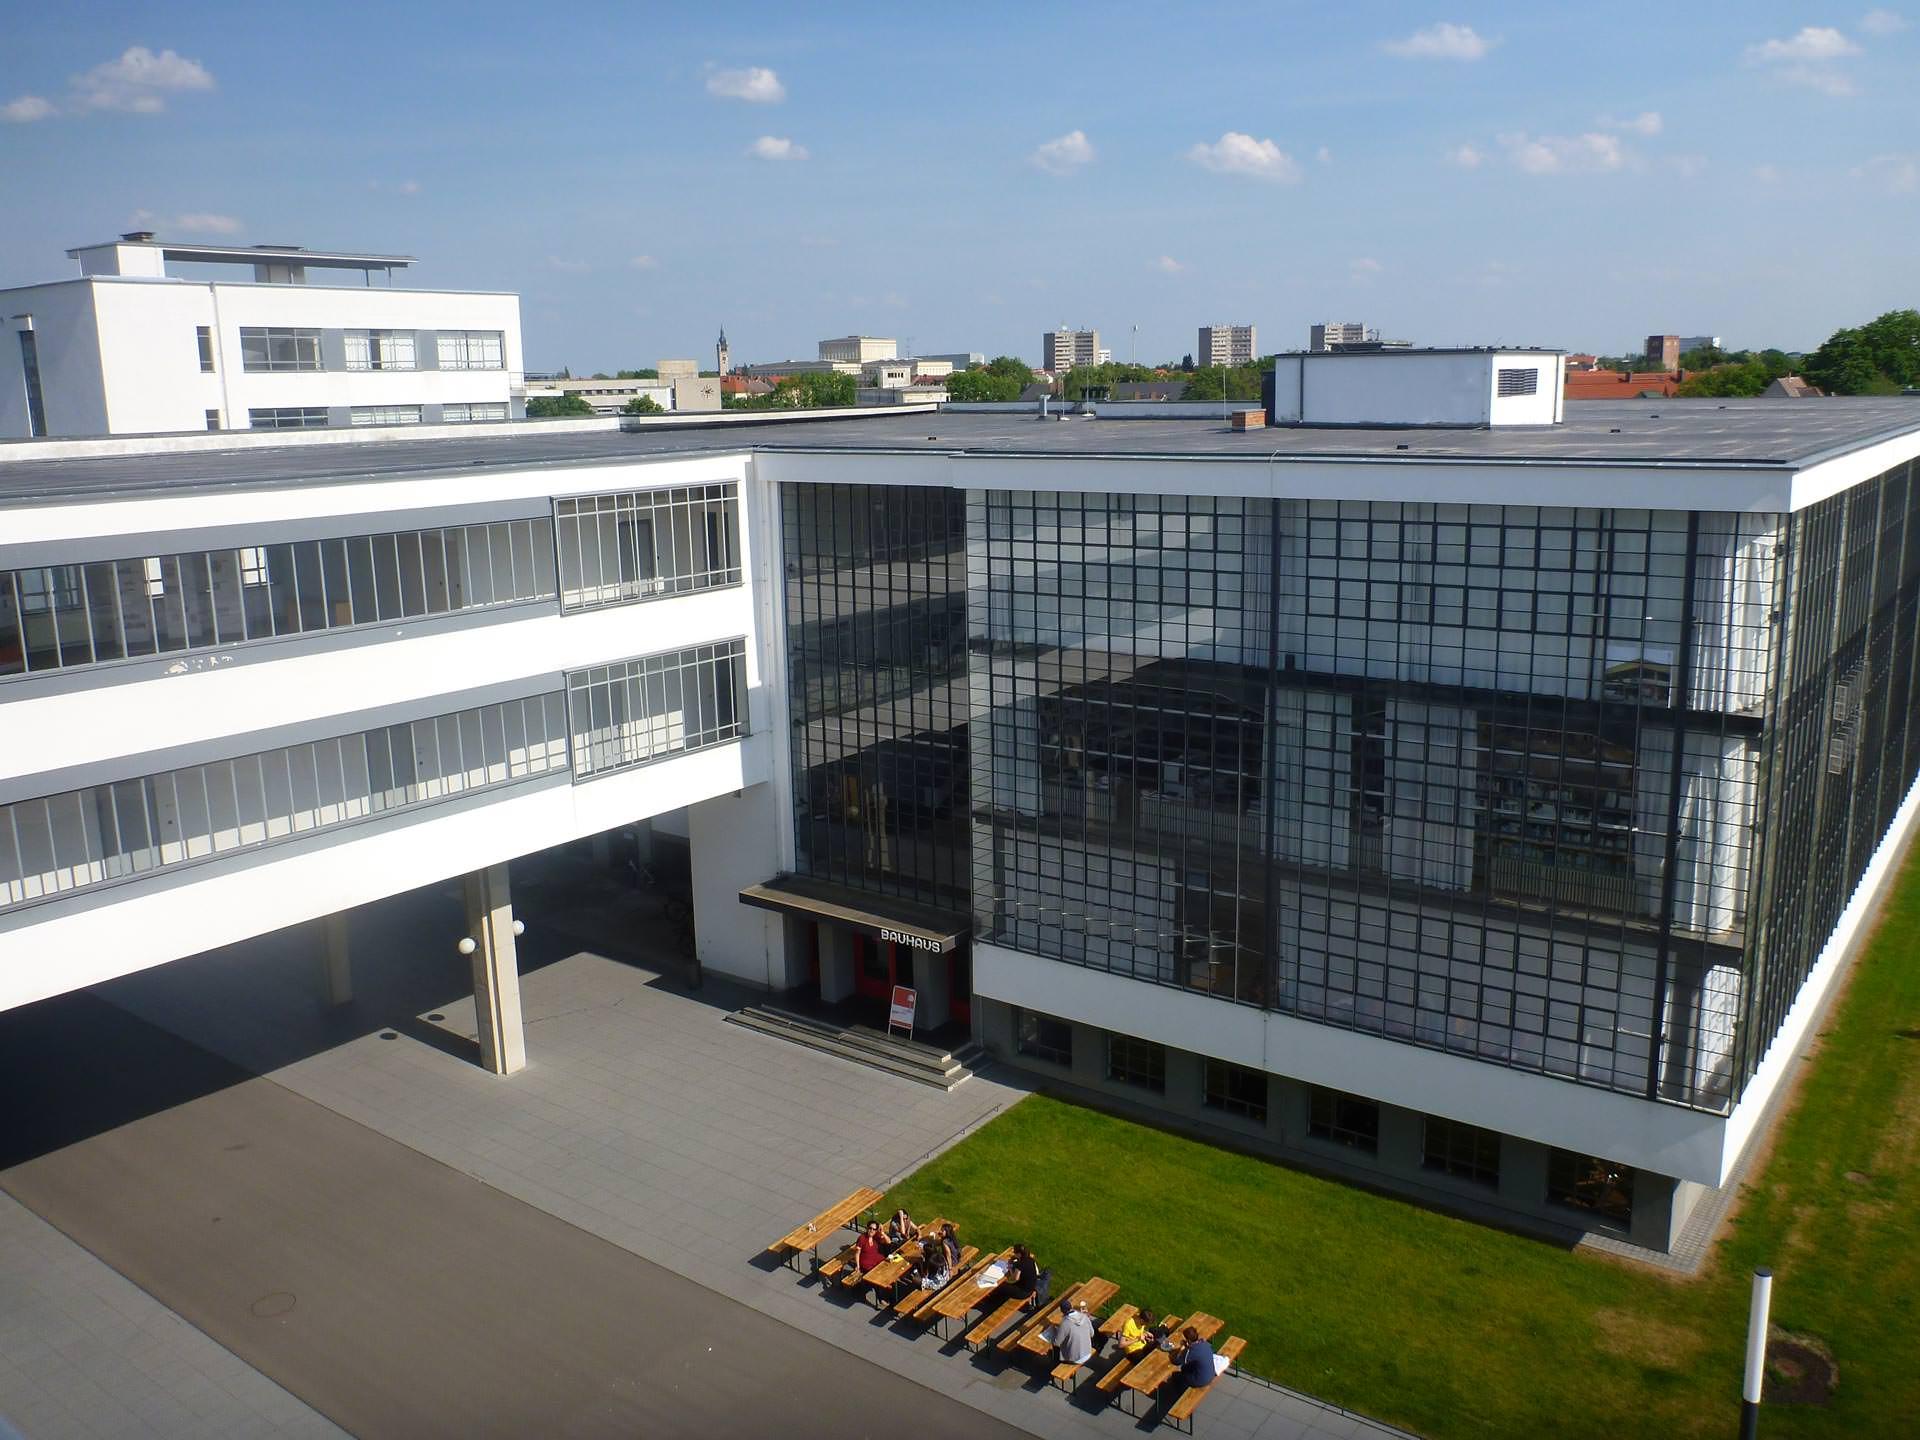 Bauhaus Energetic Renovation